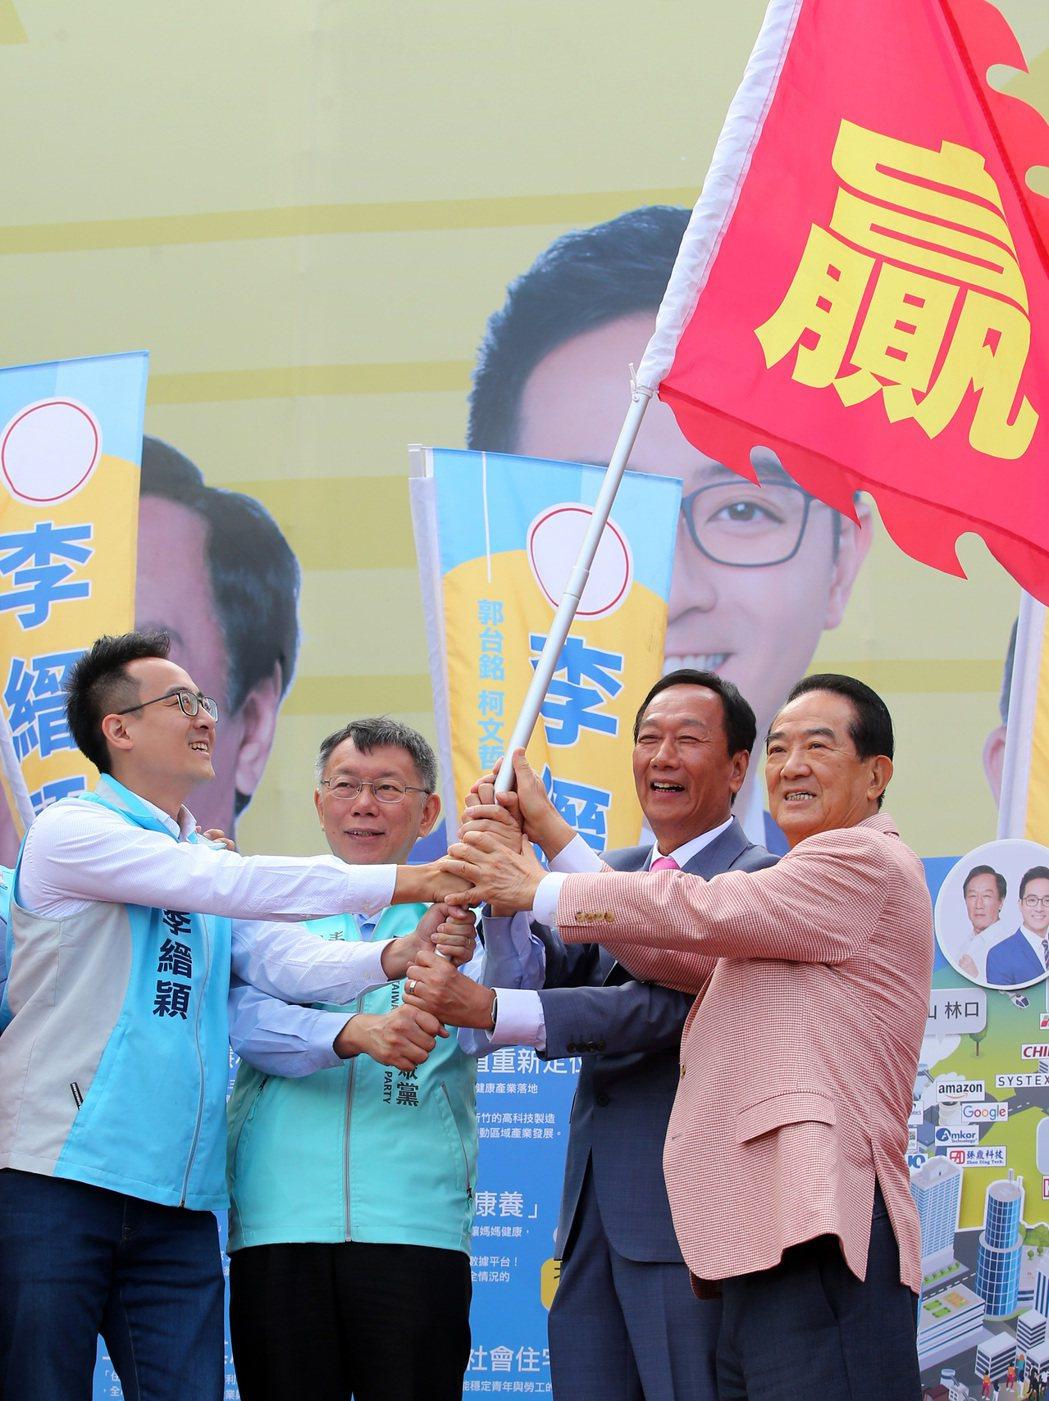 親民黨主席宋楚瑜及鴻海創辦人郭台銘。本報資料照片